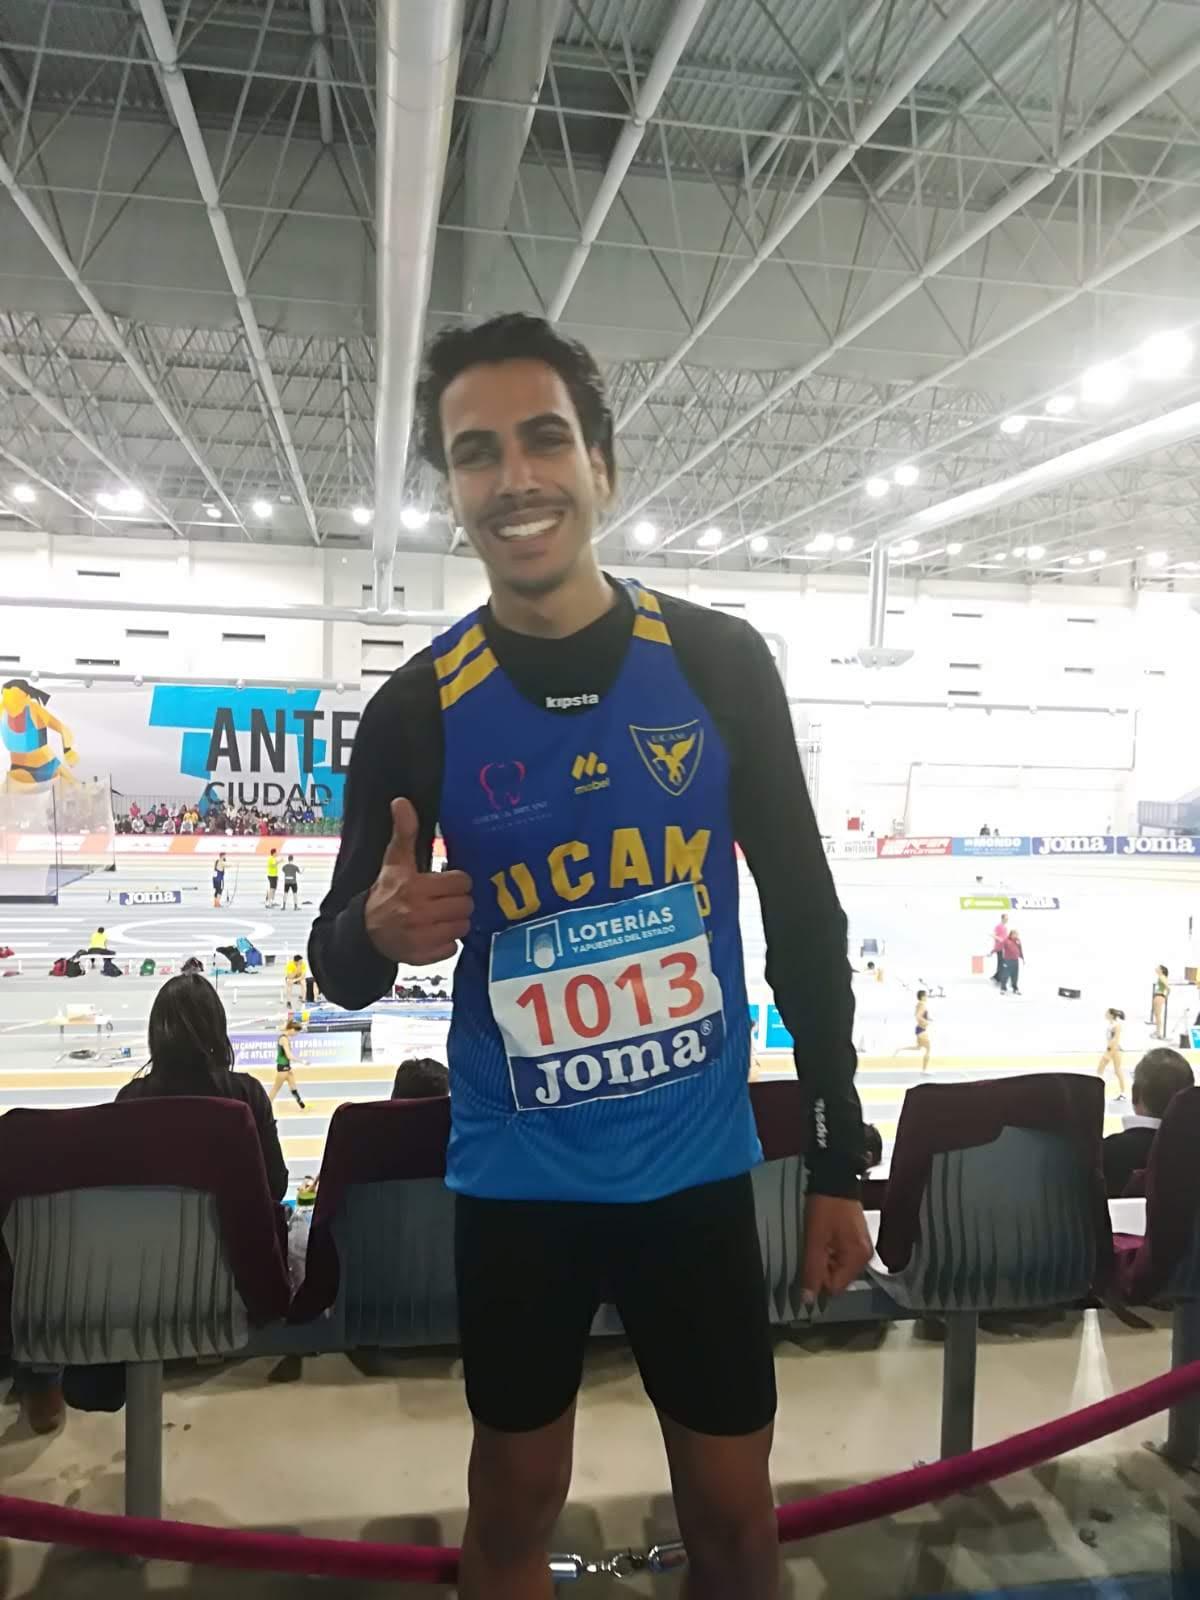 Jornada Del 2ª Liga Ucam Atletismo De DivisiónComunicación 1ª 2IebWEH9DY